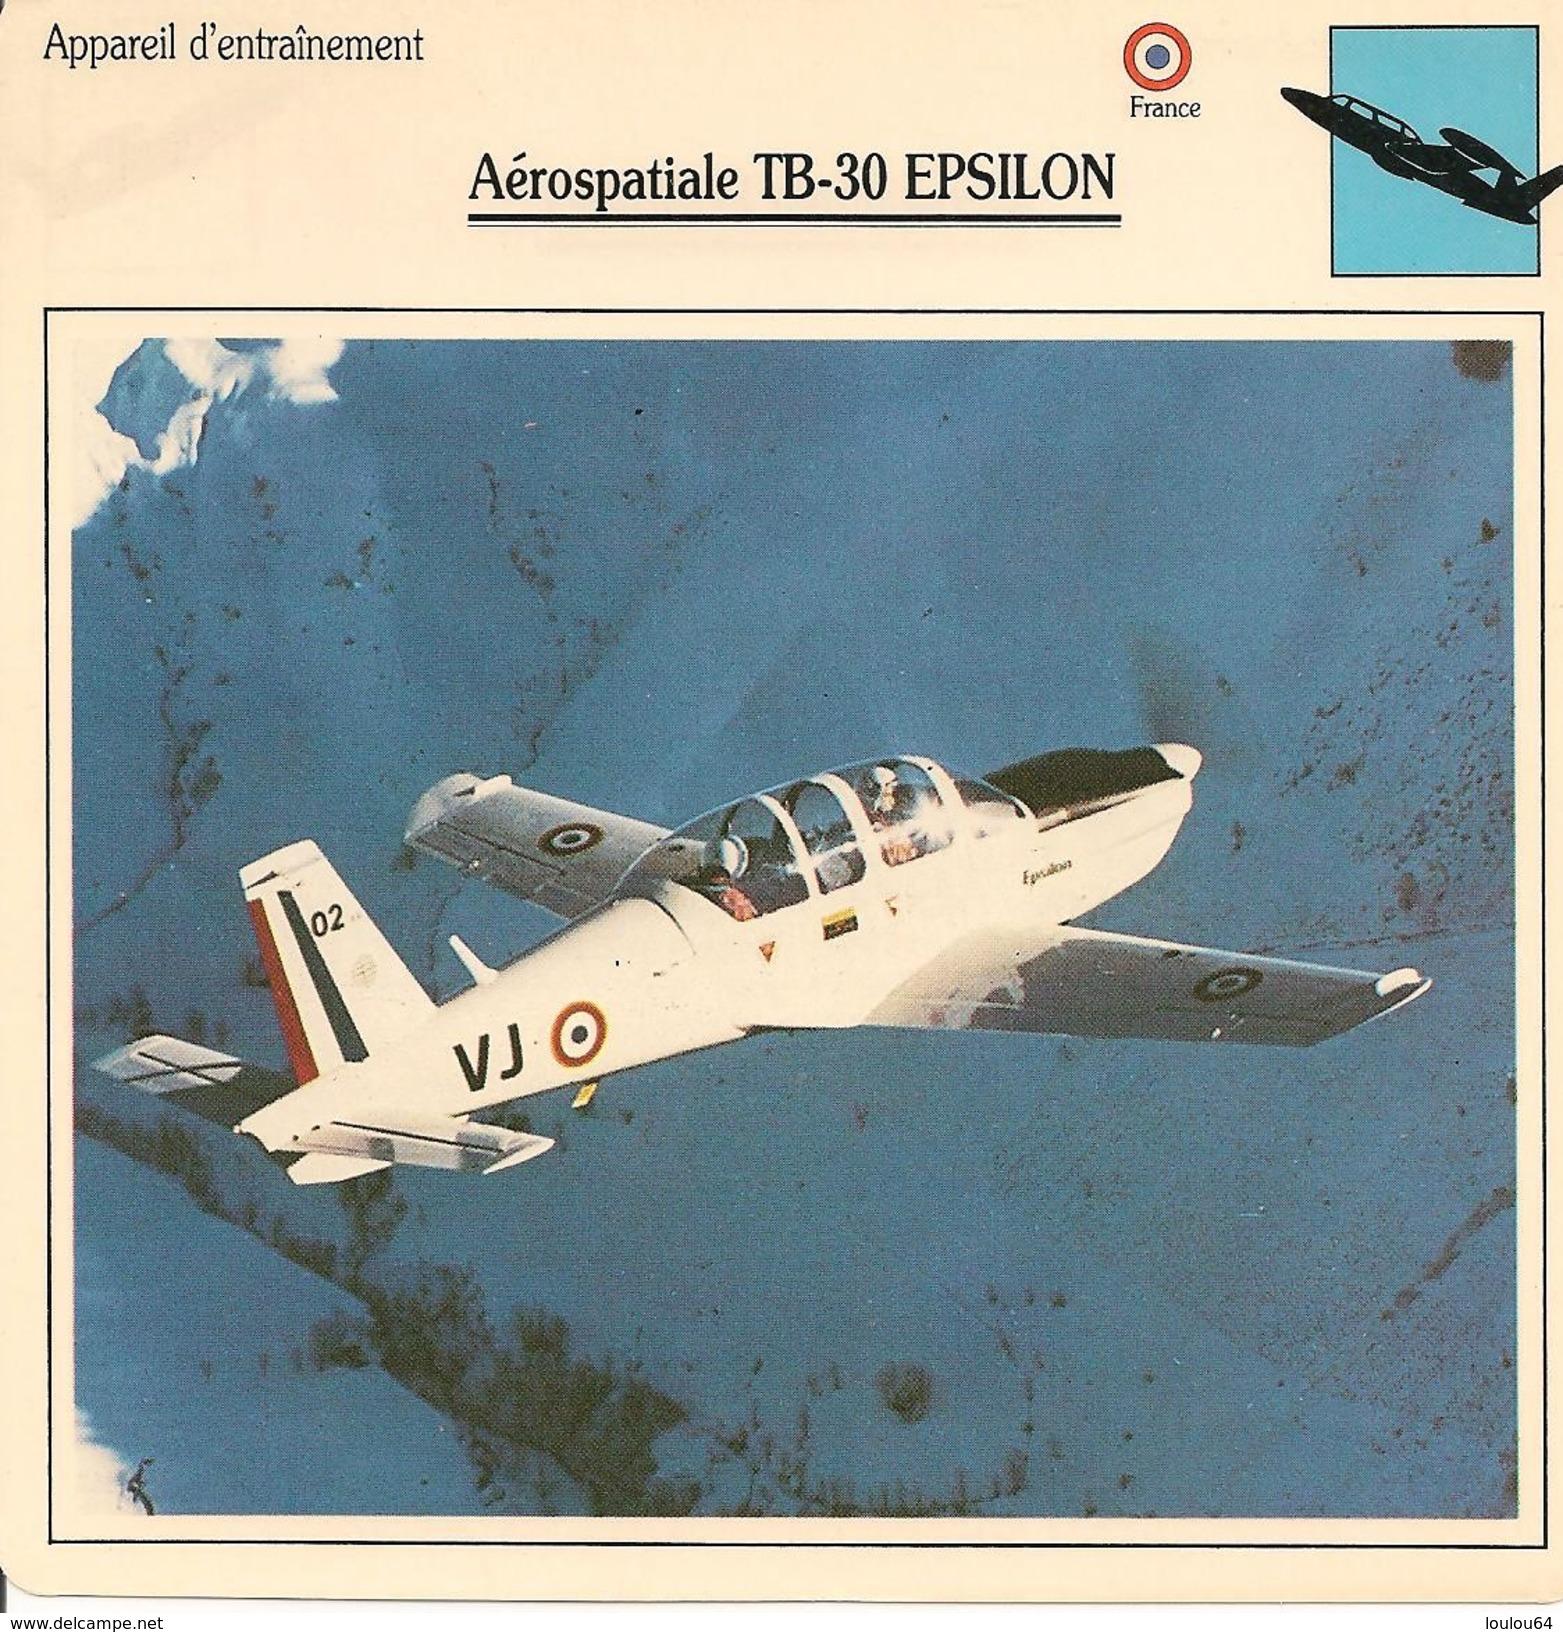 Fiches Illustrées - Caractéristiques Avions - Appareil D'entraînement - Aérospatiale TB-30 - EPSILON - FRANCE - (53) - Aviation